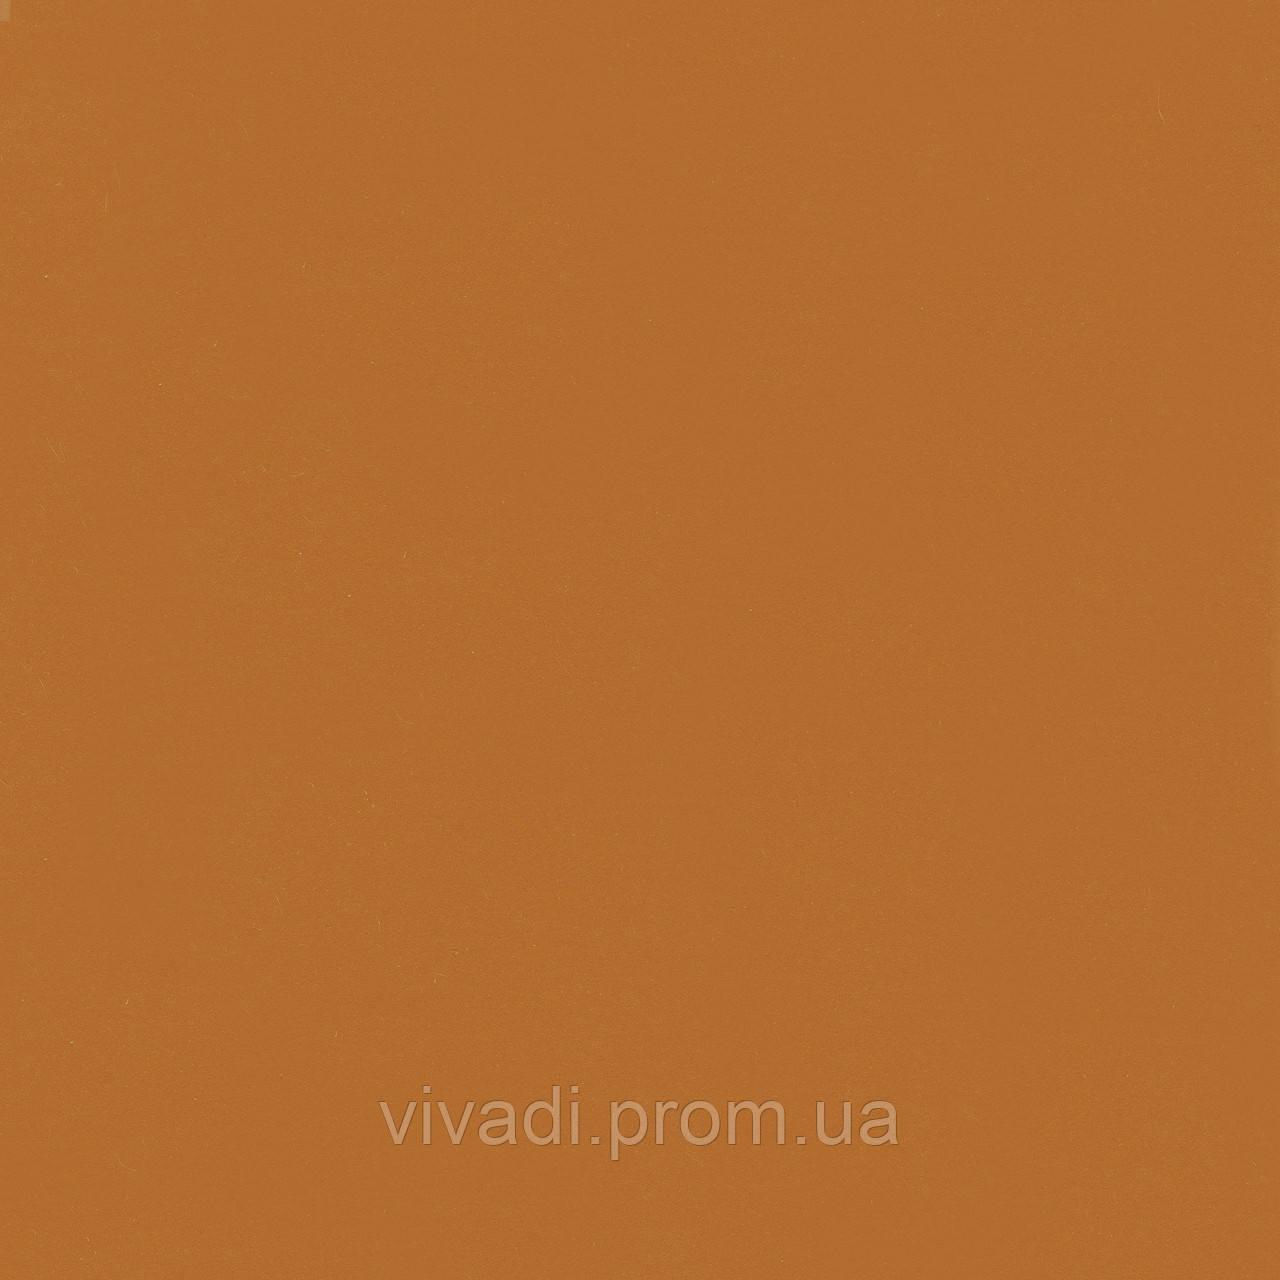 Натуральний лінолеум Uni Walton LPX - колір 101-062